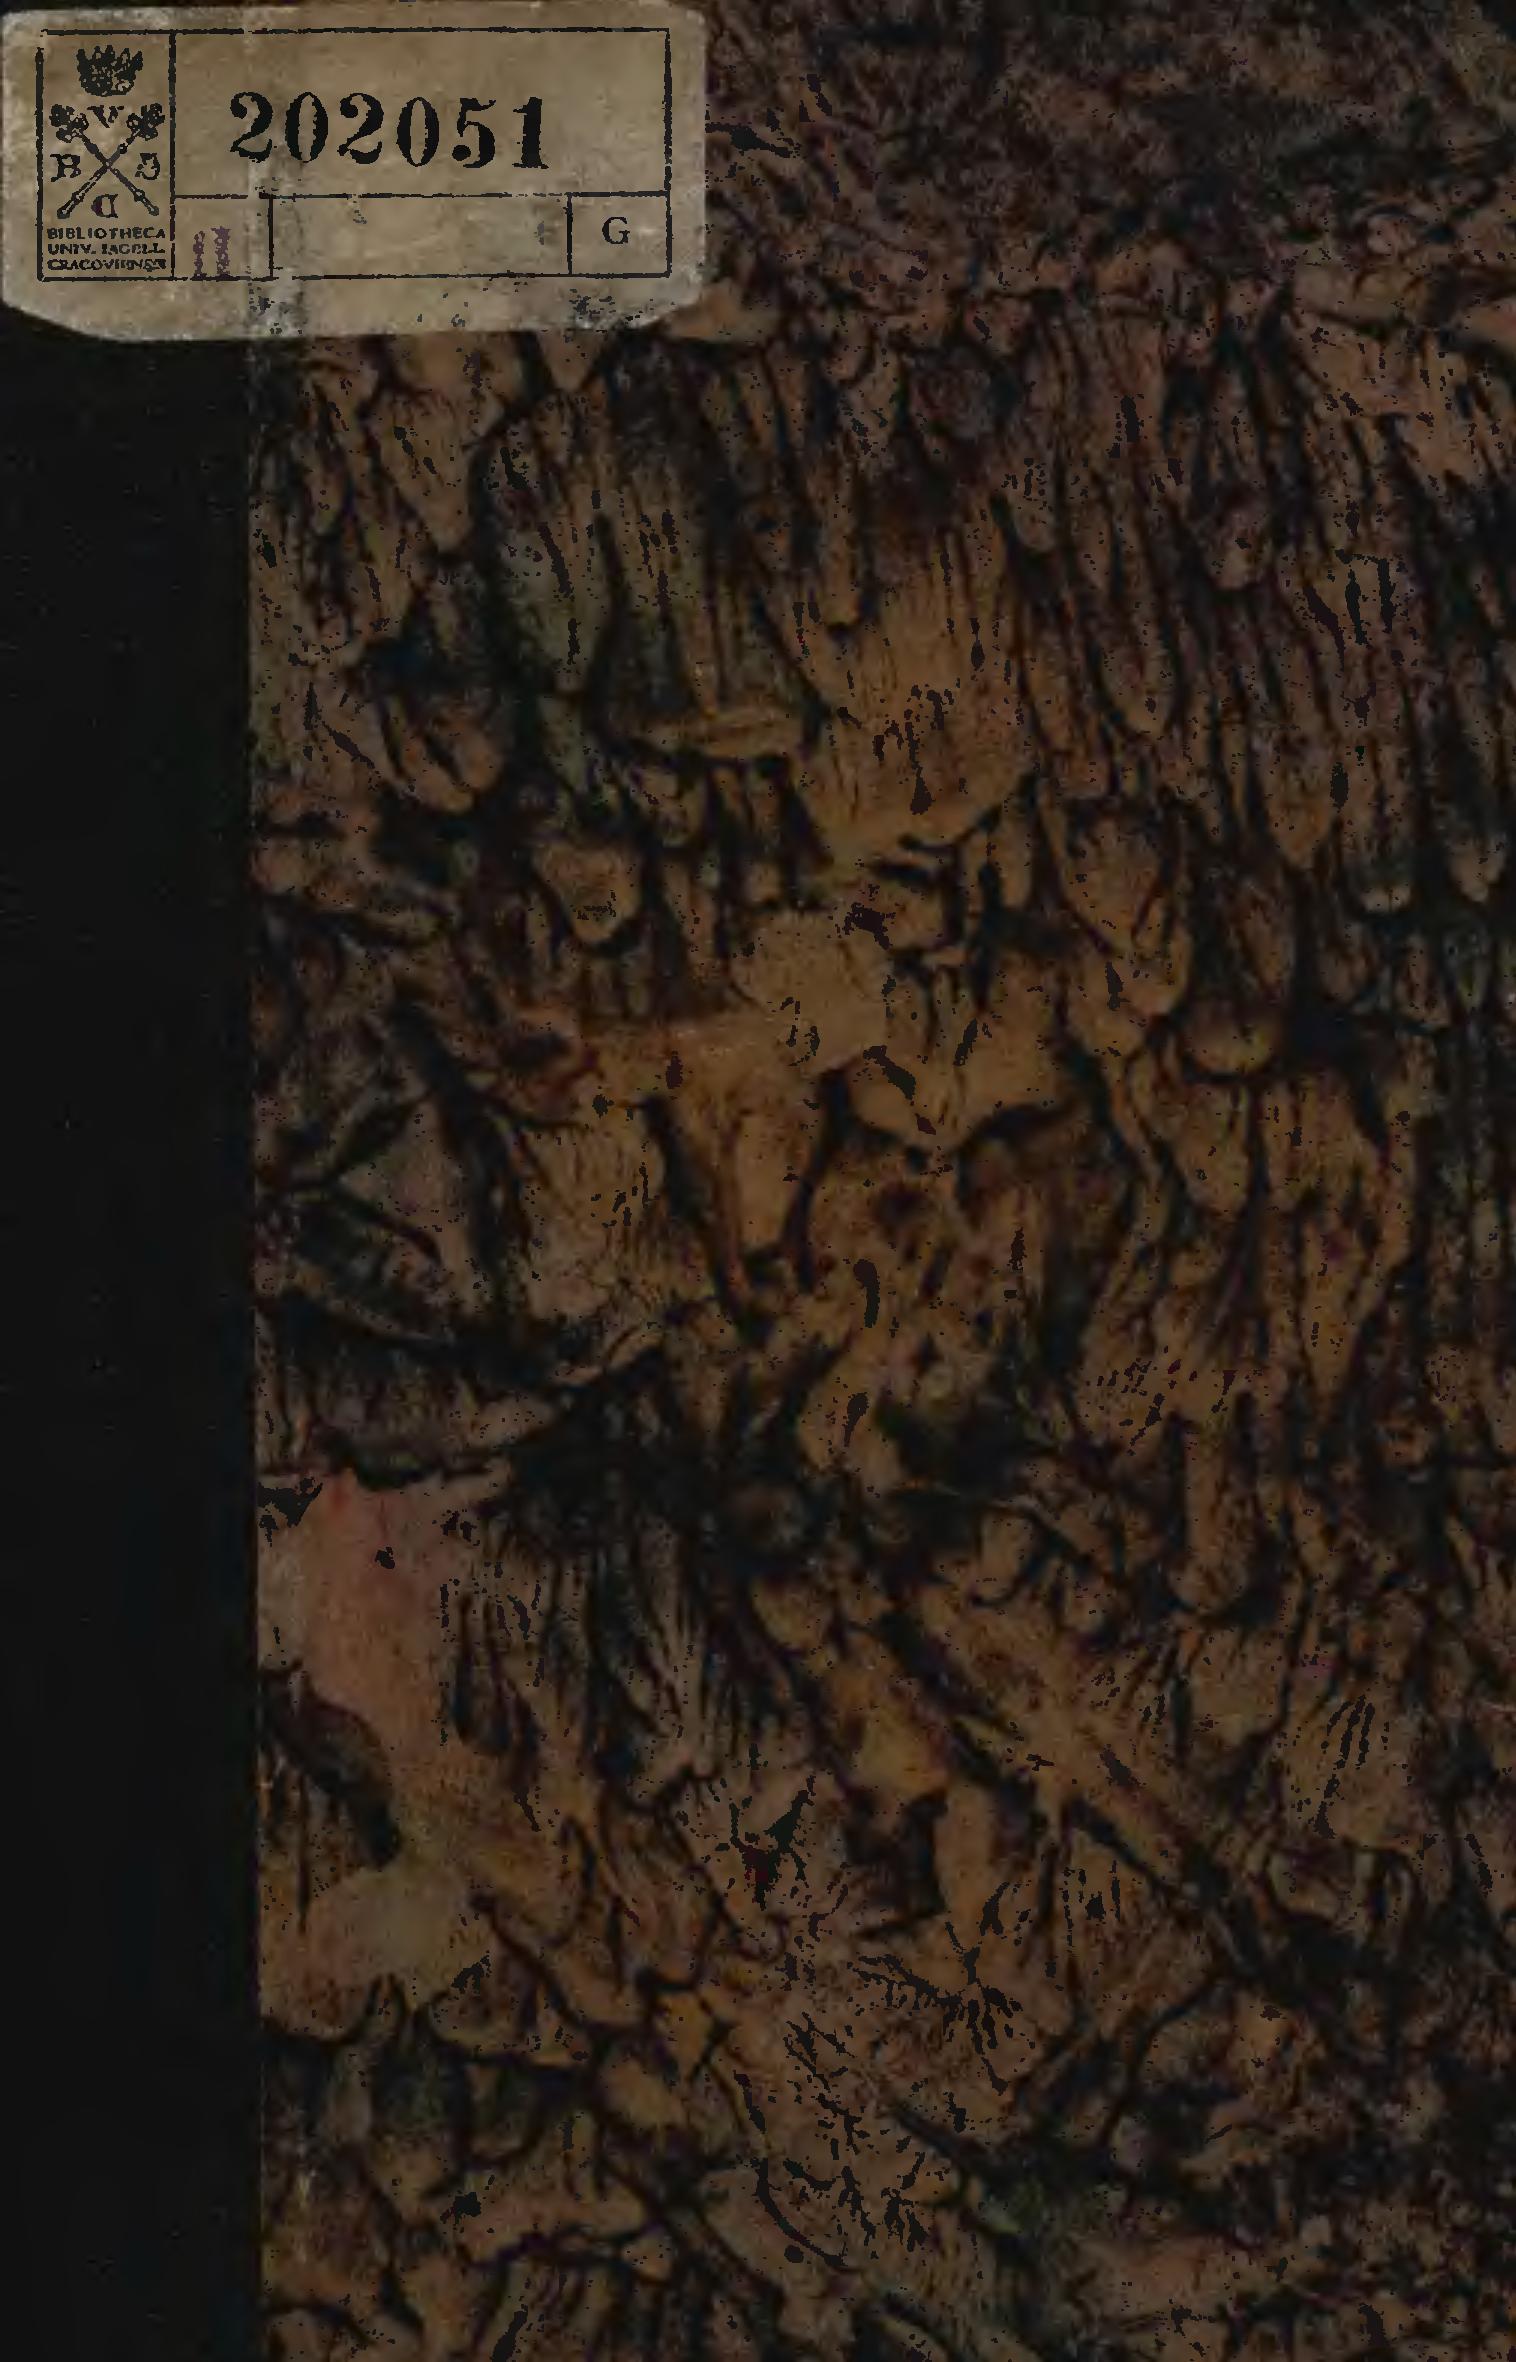 Granta 32, 71, 76, 111. History, Music, Shrinks, Going Back. Four volumes